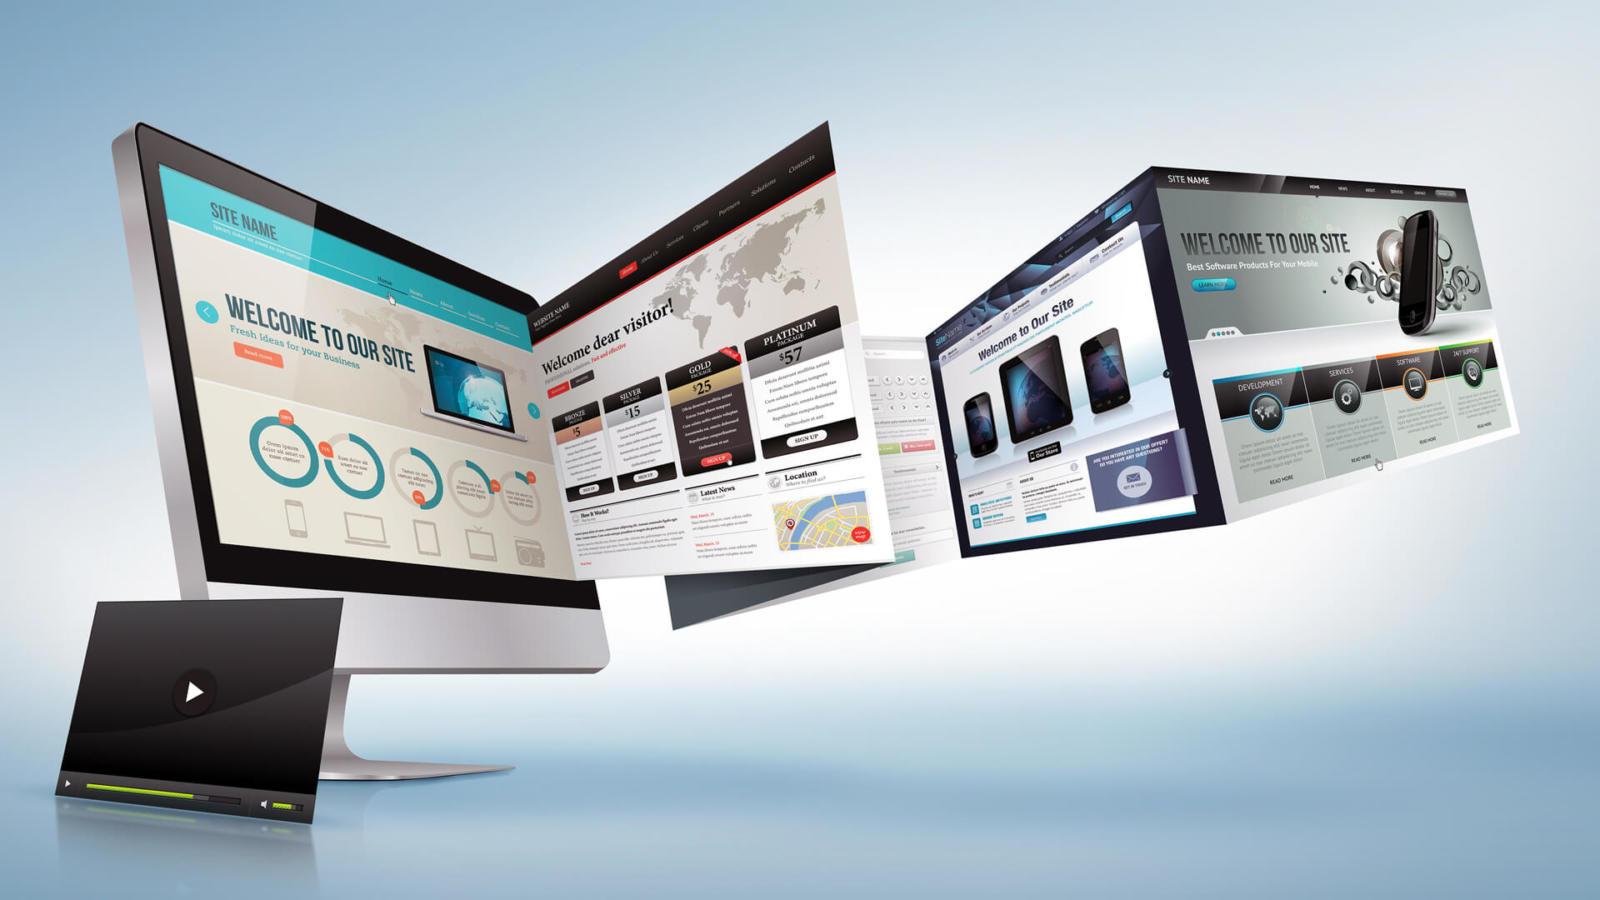 С чего следует начинать разработку своего собственного сайта?